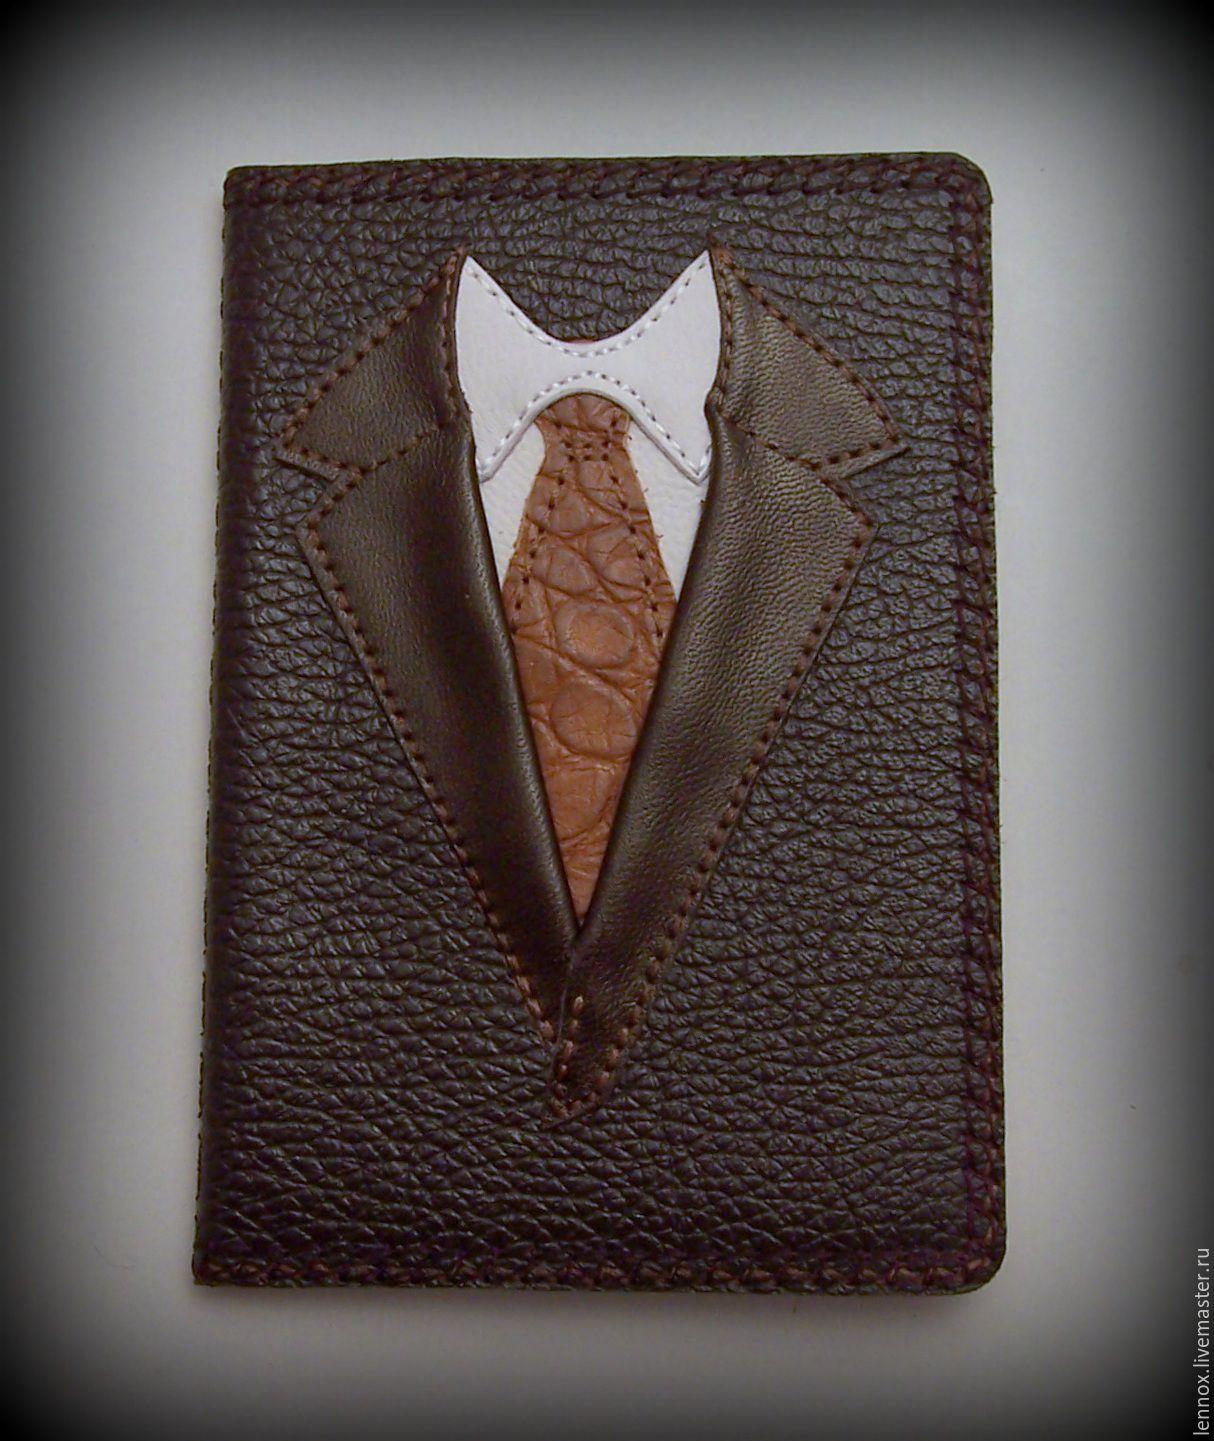 Обложка для паспорта Настоящий мужчина кожа с вышивкой, Обложка на паспорт, Санкт-Петербург,  Фото №1